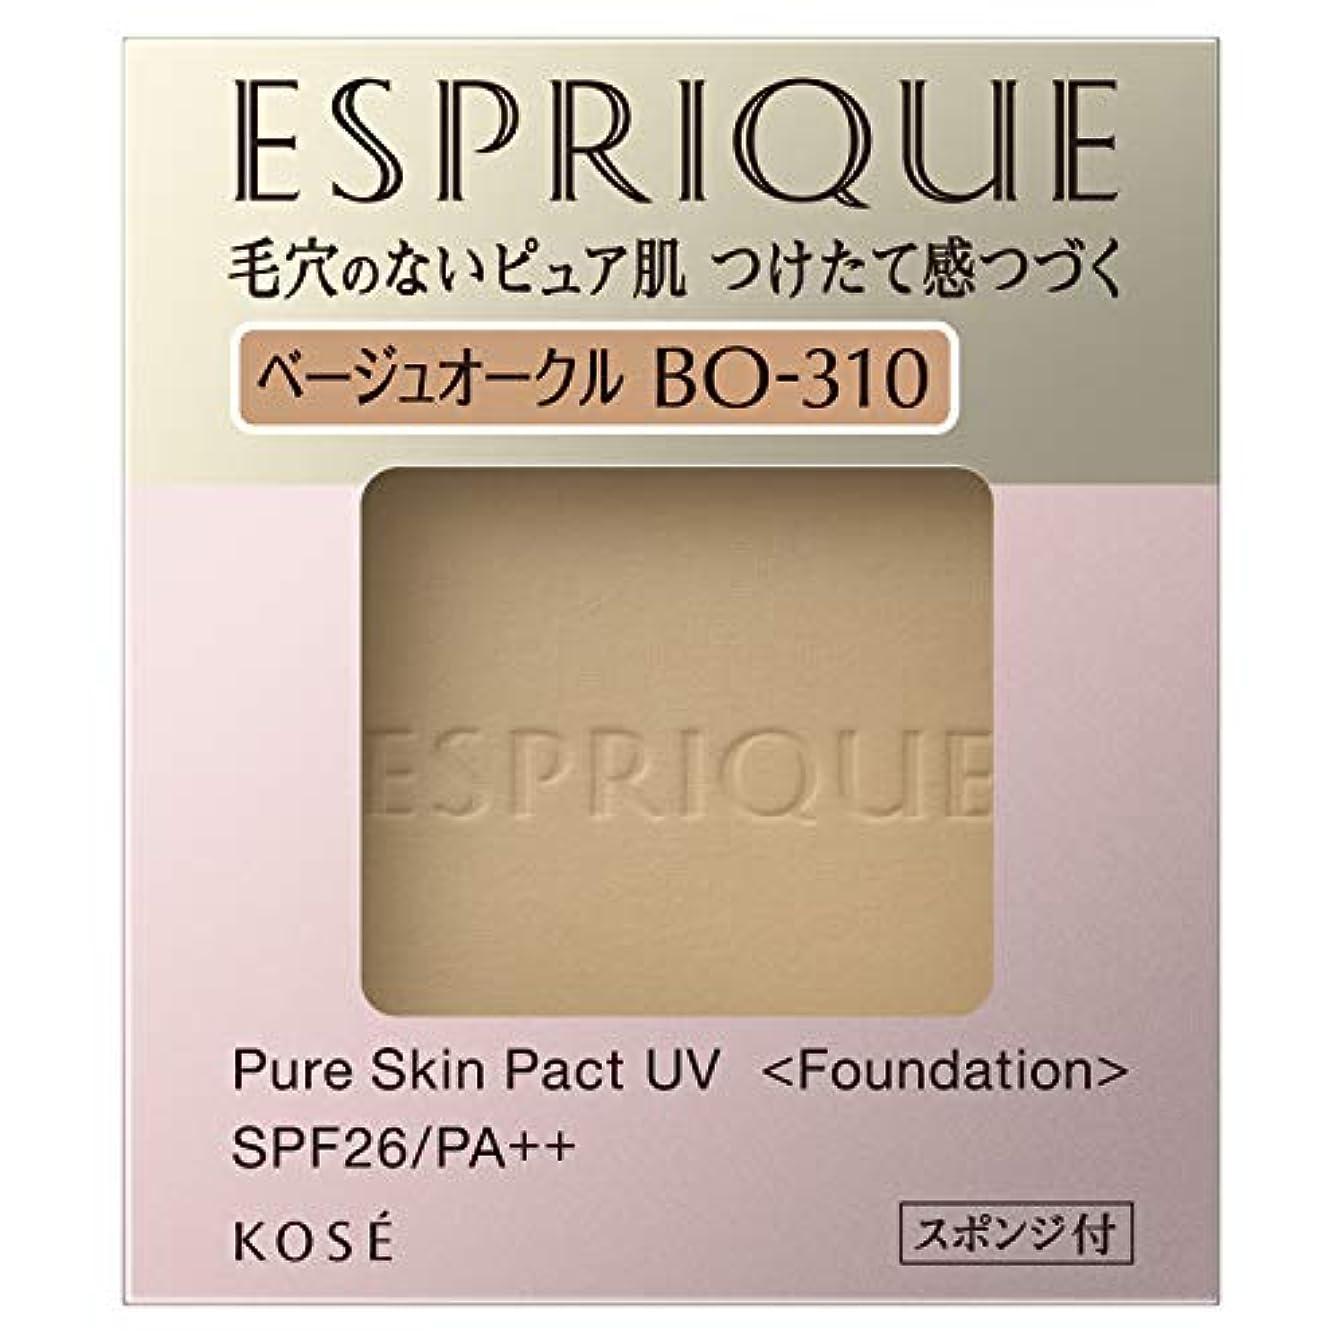 幻滅するレイア再開エスプリーク ピュアスキン パクト UV BO-310 ベージュオークル 9.3g